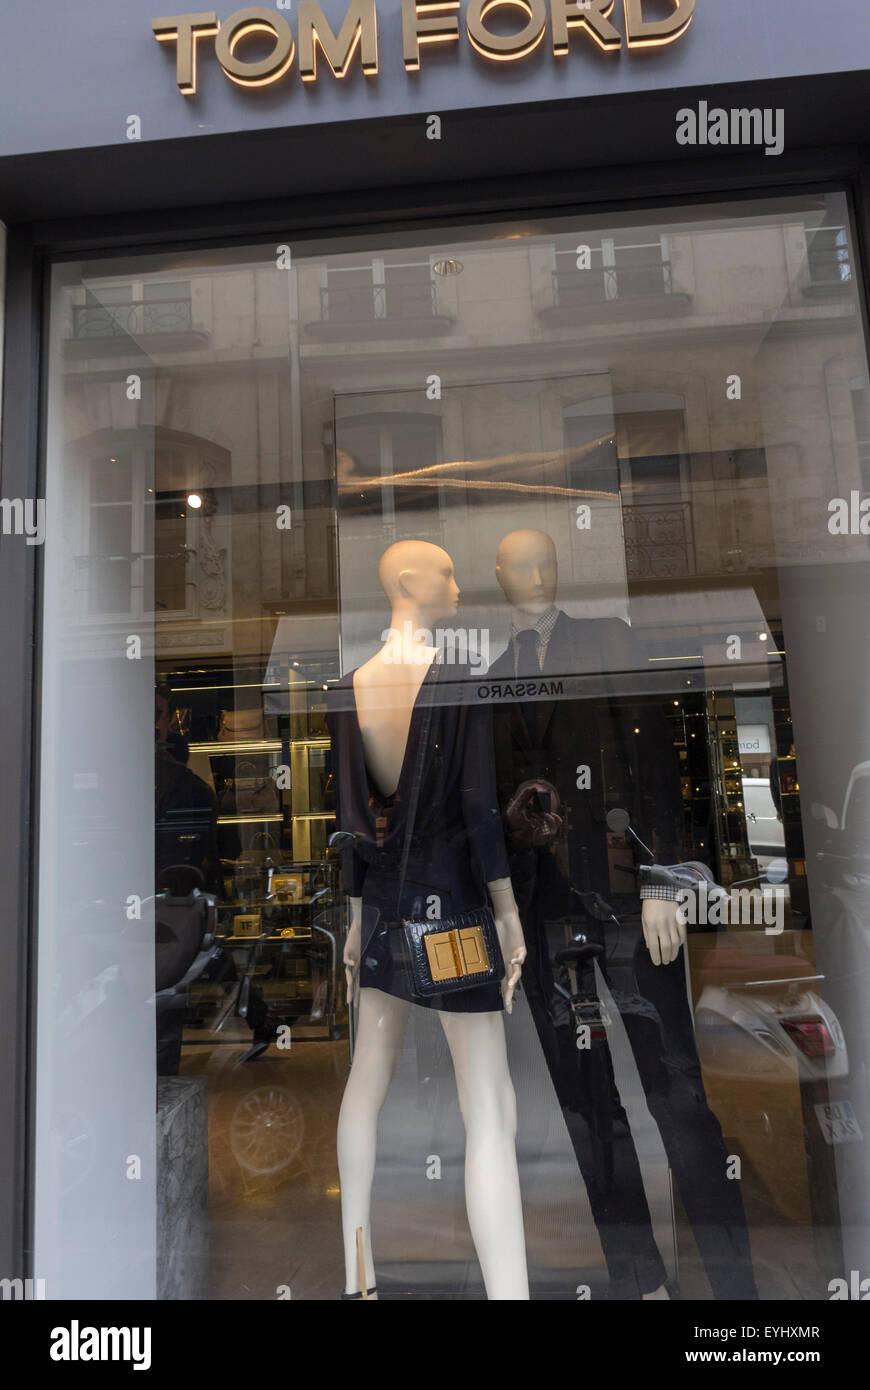 7dca6f4a6bbed3 Paris, France, mannequins en vitrine Fenêtre, vêtements de luxe Shopping,  la rue du Faubourg Saint Honoré, Tom Ford, de la mode, de l étiquette